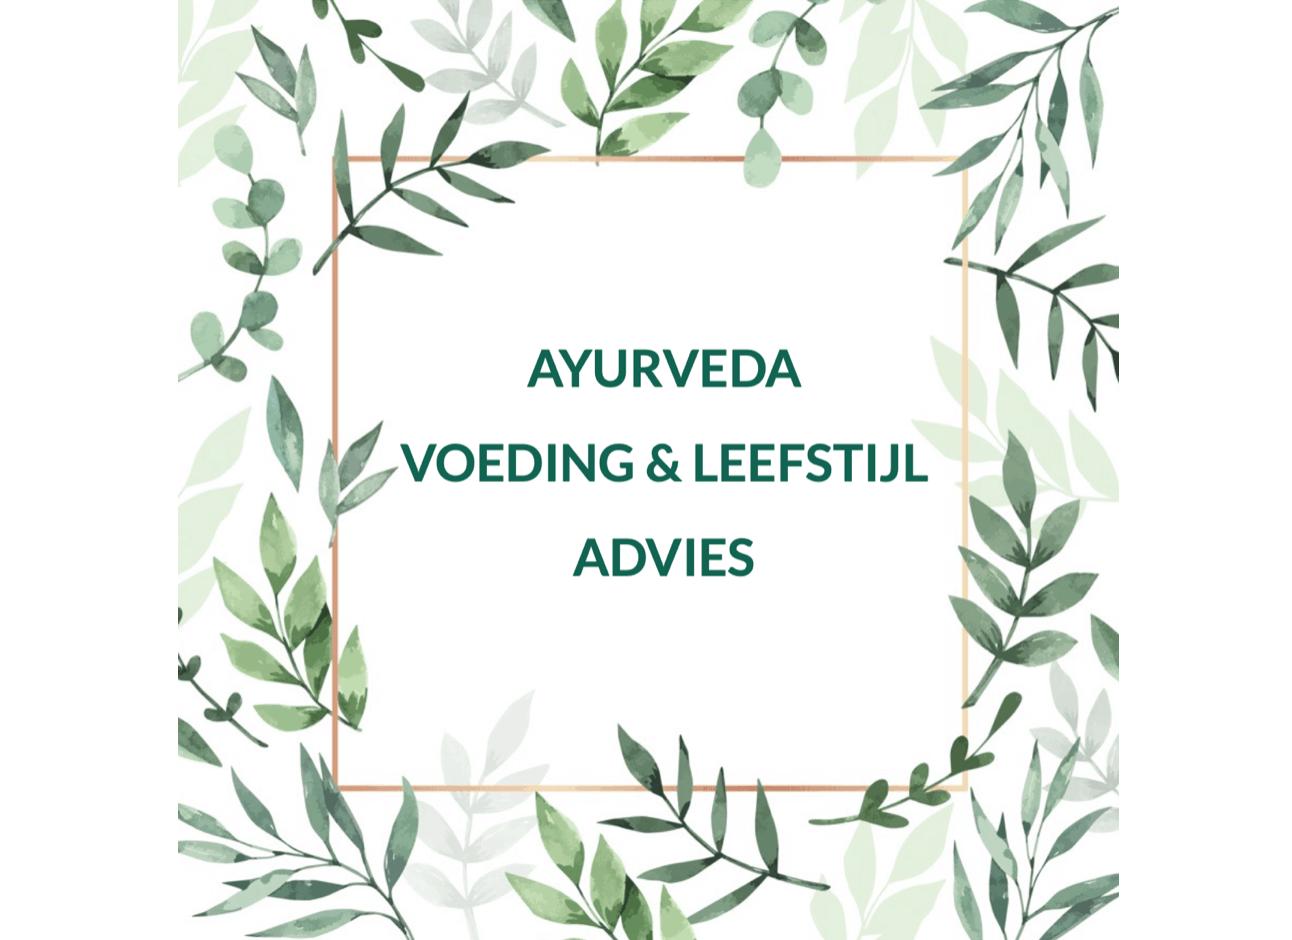 Ayurveda voeding & leefstijl advies bij Huis van Bewust-Zijn